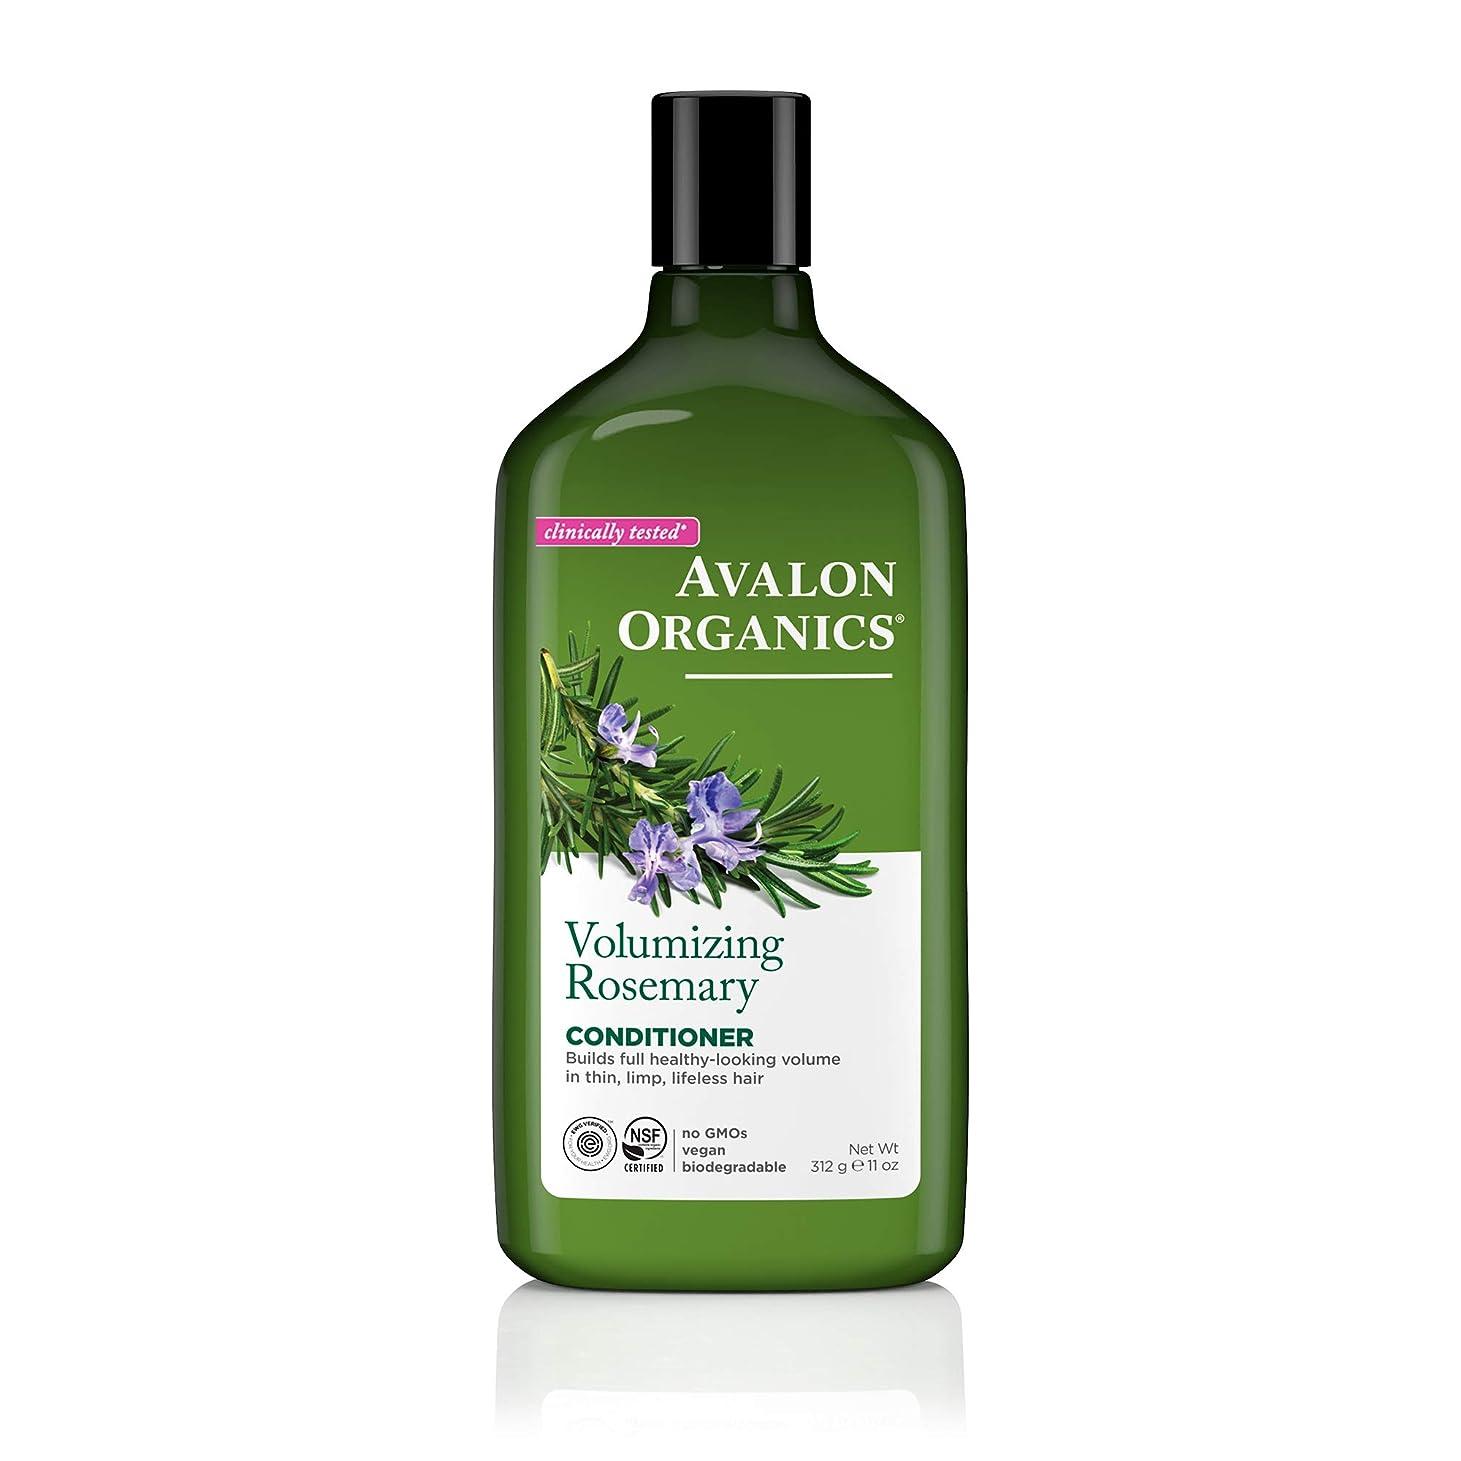 インフラ破滅的なテントアバロンオーガニック(Avalon Organics) ローズマリー コンディショナー 325ml